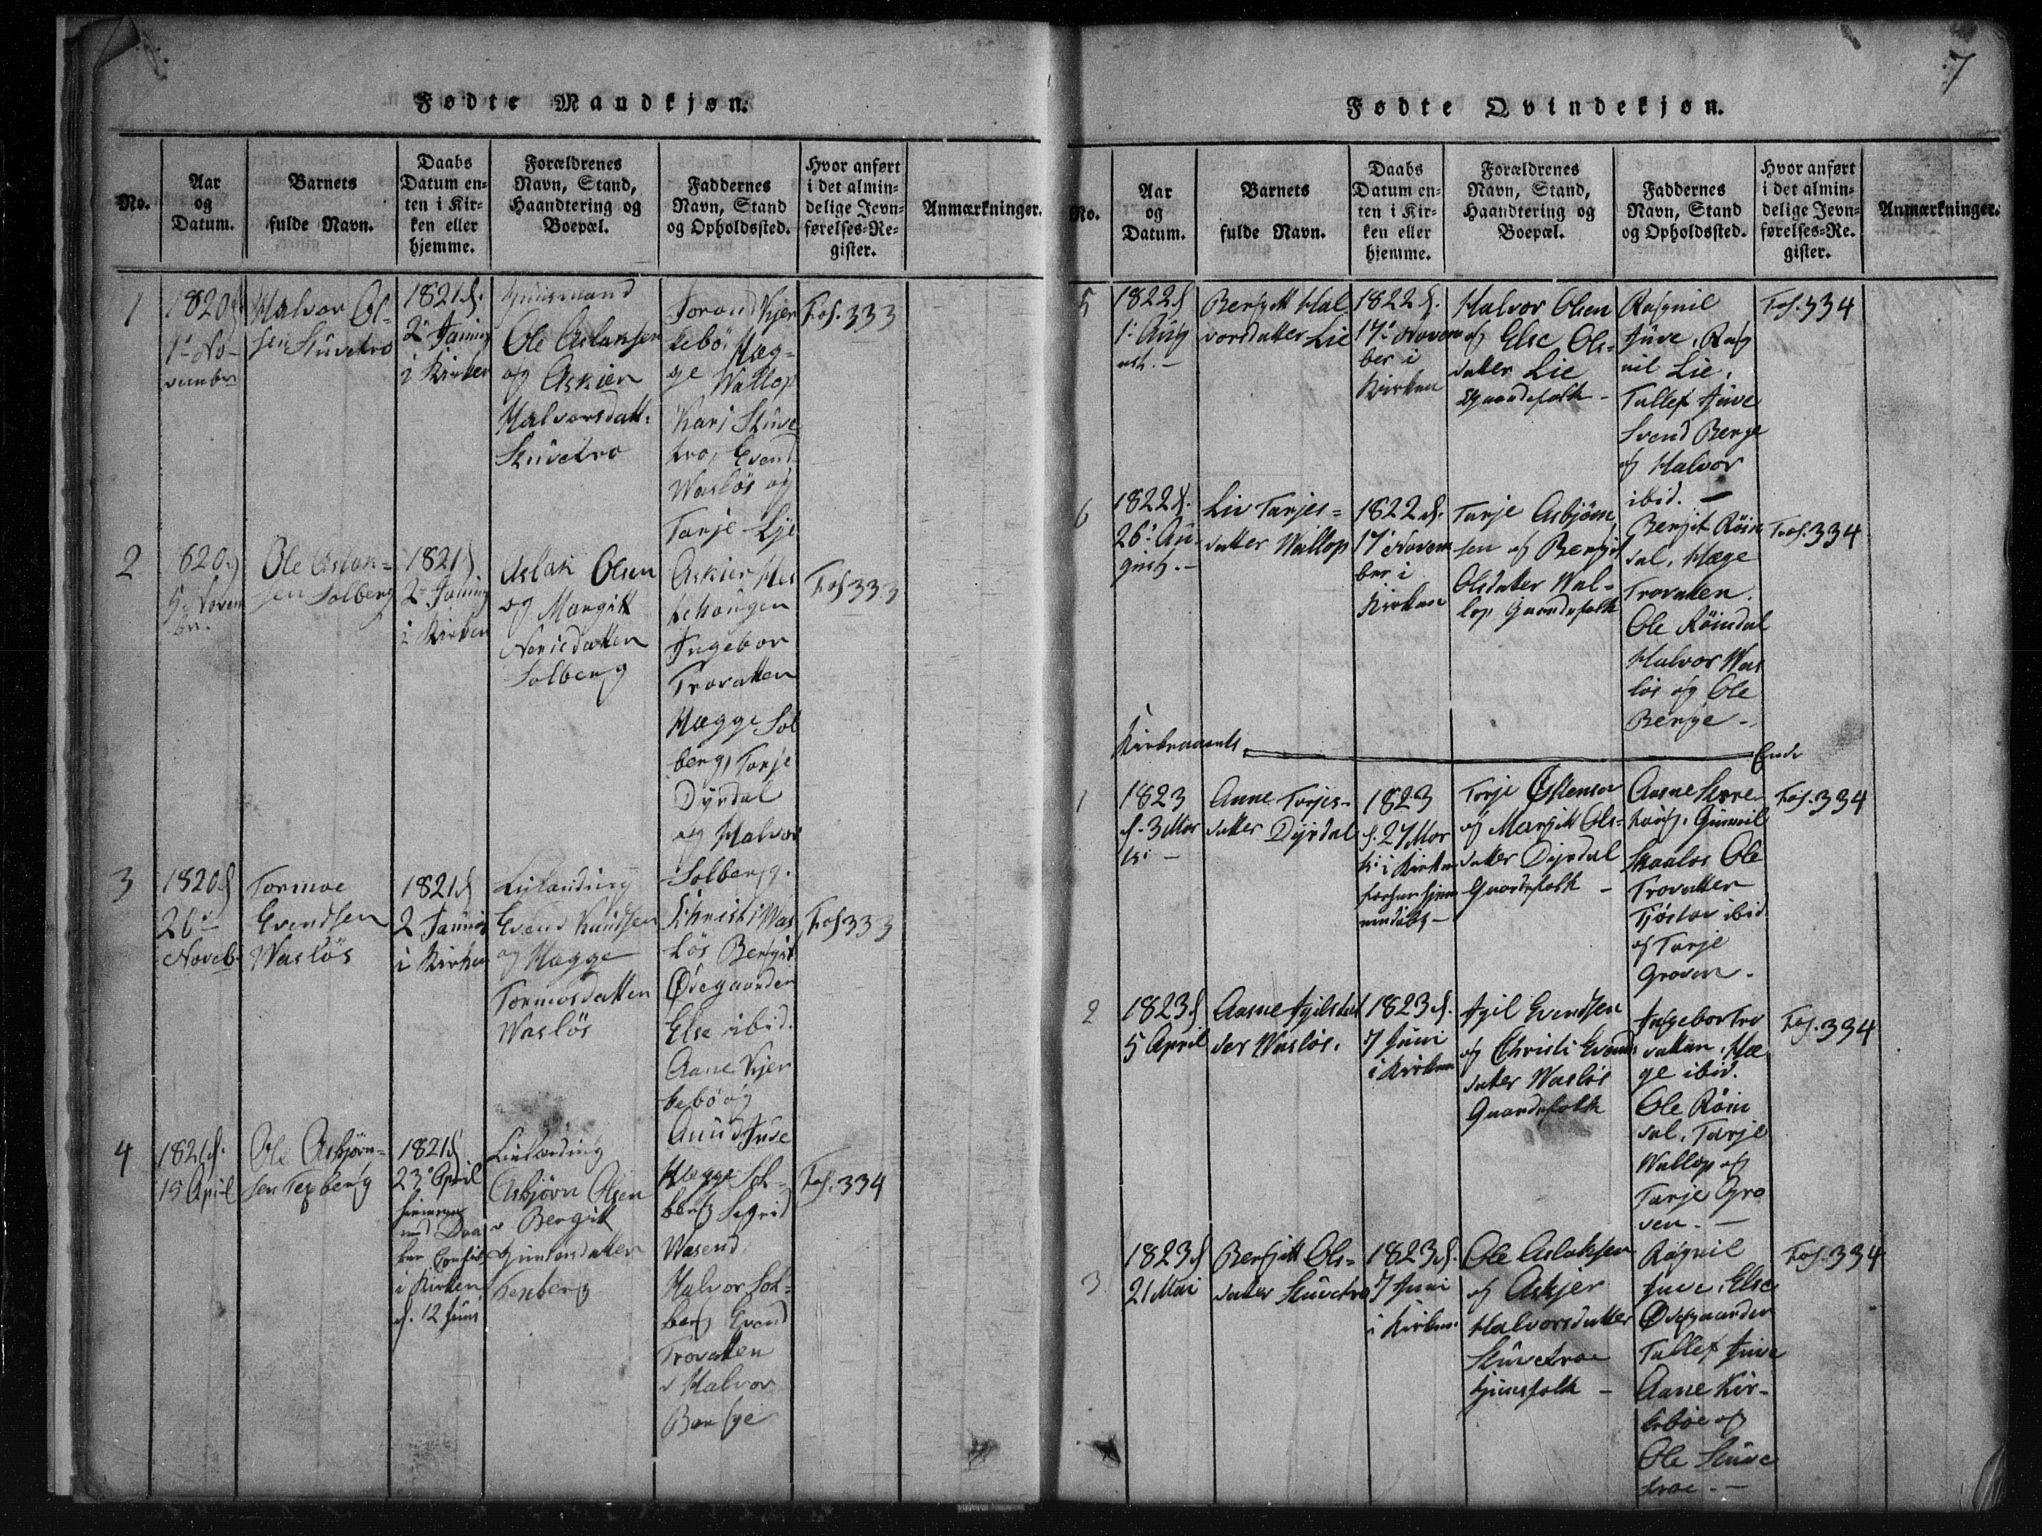 SAKO, Rauland kirkebøker, G/Gb/L0001: Klokkerbok nr. II 1, 1815-1886, s. 7